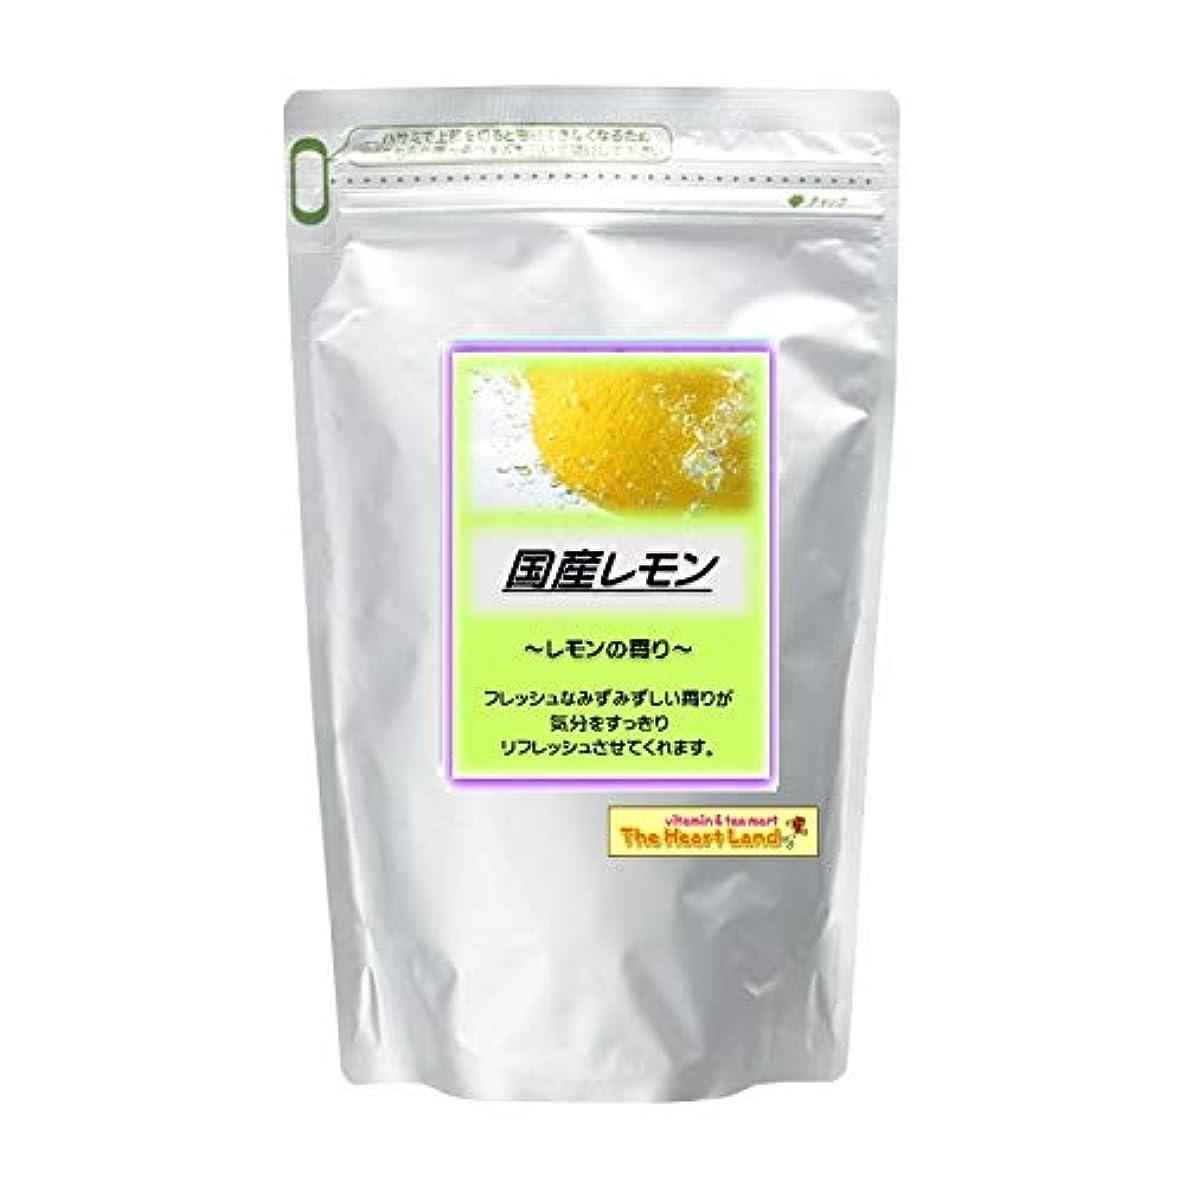 著名なテニス子孫アサヒ入浴剤 浴用入浴化粧品 国産レモン 300g